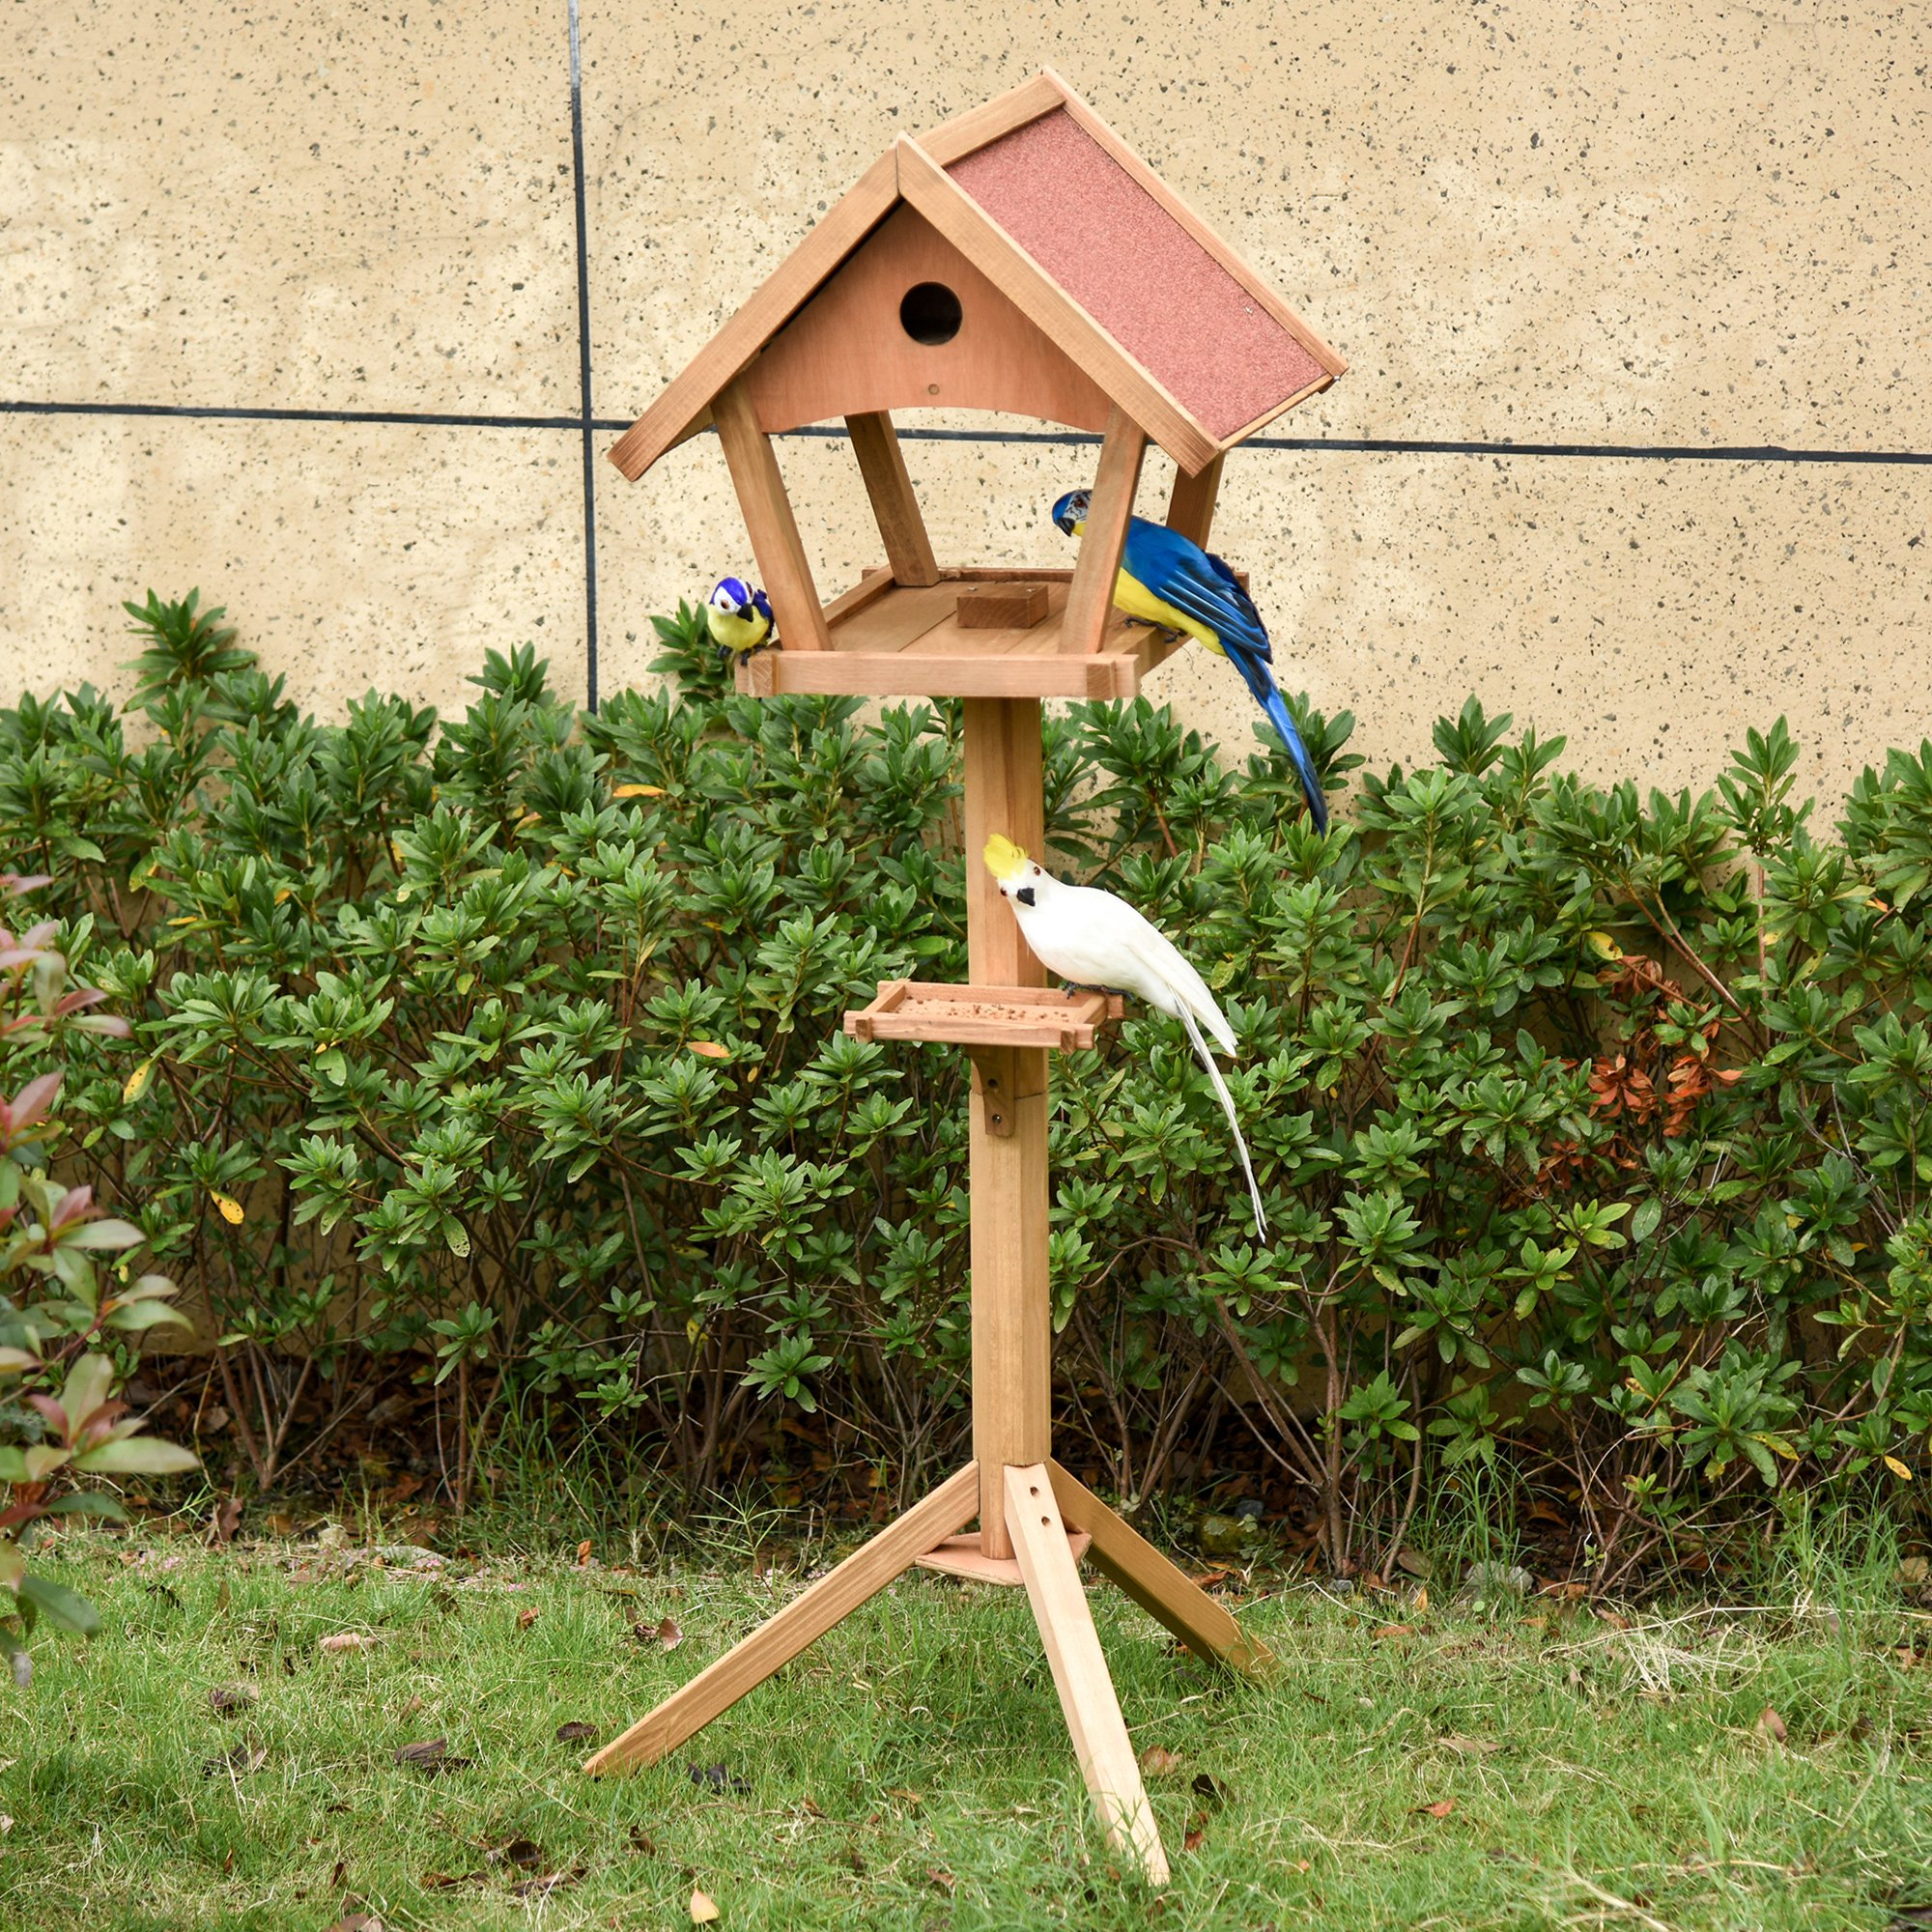 PawHut Wooden Bird Feeder Stand for Garden Pre-cut Weather Resistant 49 x 45 x 139cm